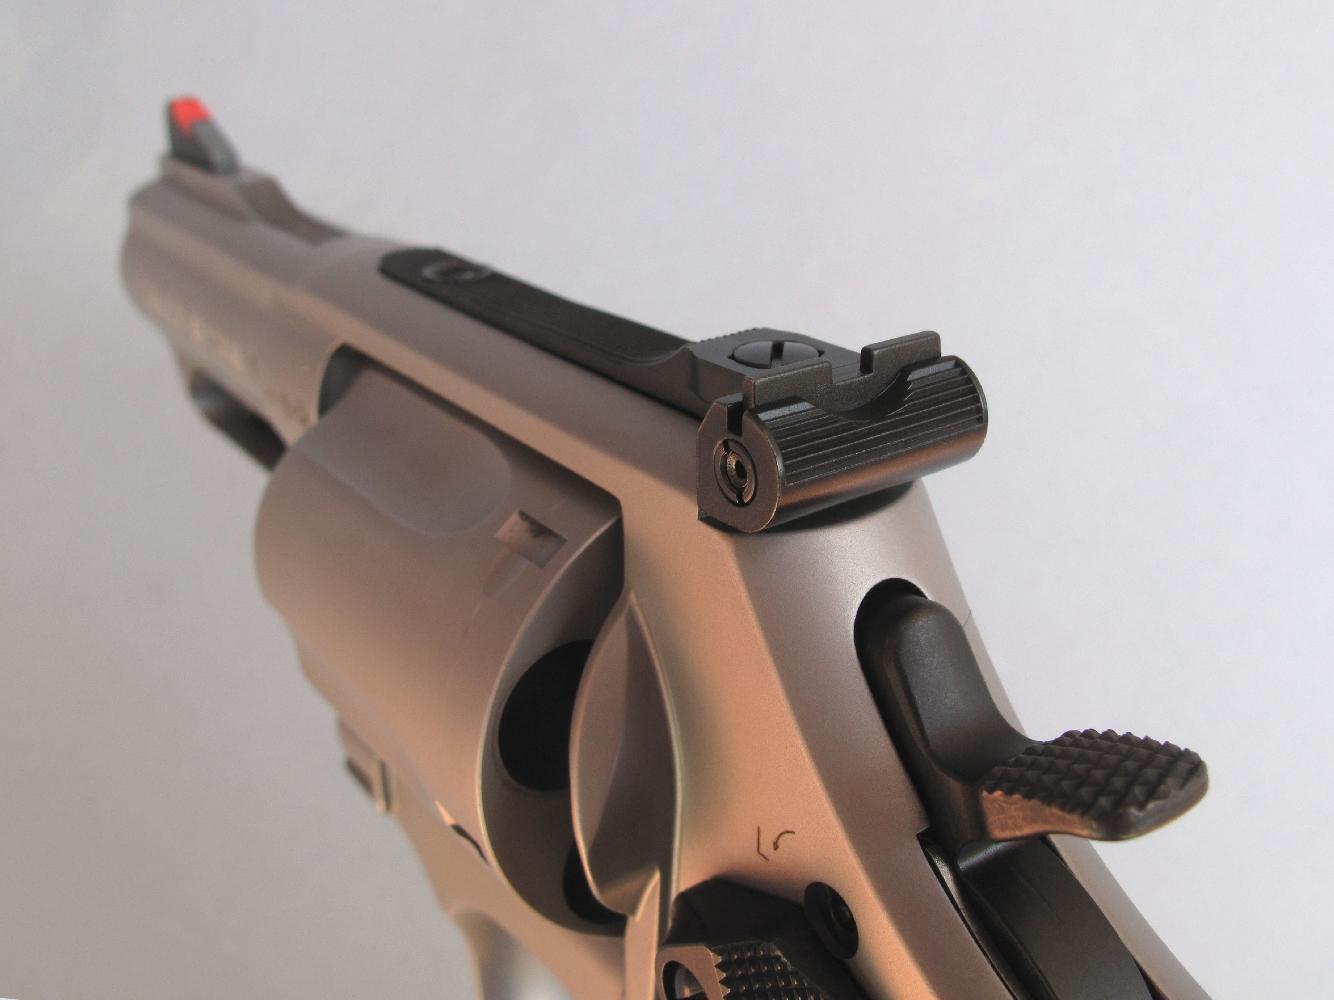 Le S&W modèle 69 dispose d'une hausse en acier, réglable en site et en azimut, un perfectionnement dont les revolvers de défense sont rarement équipés.